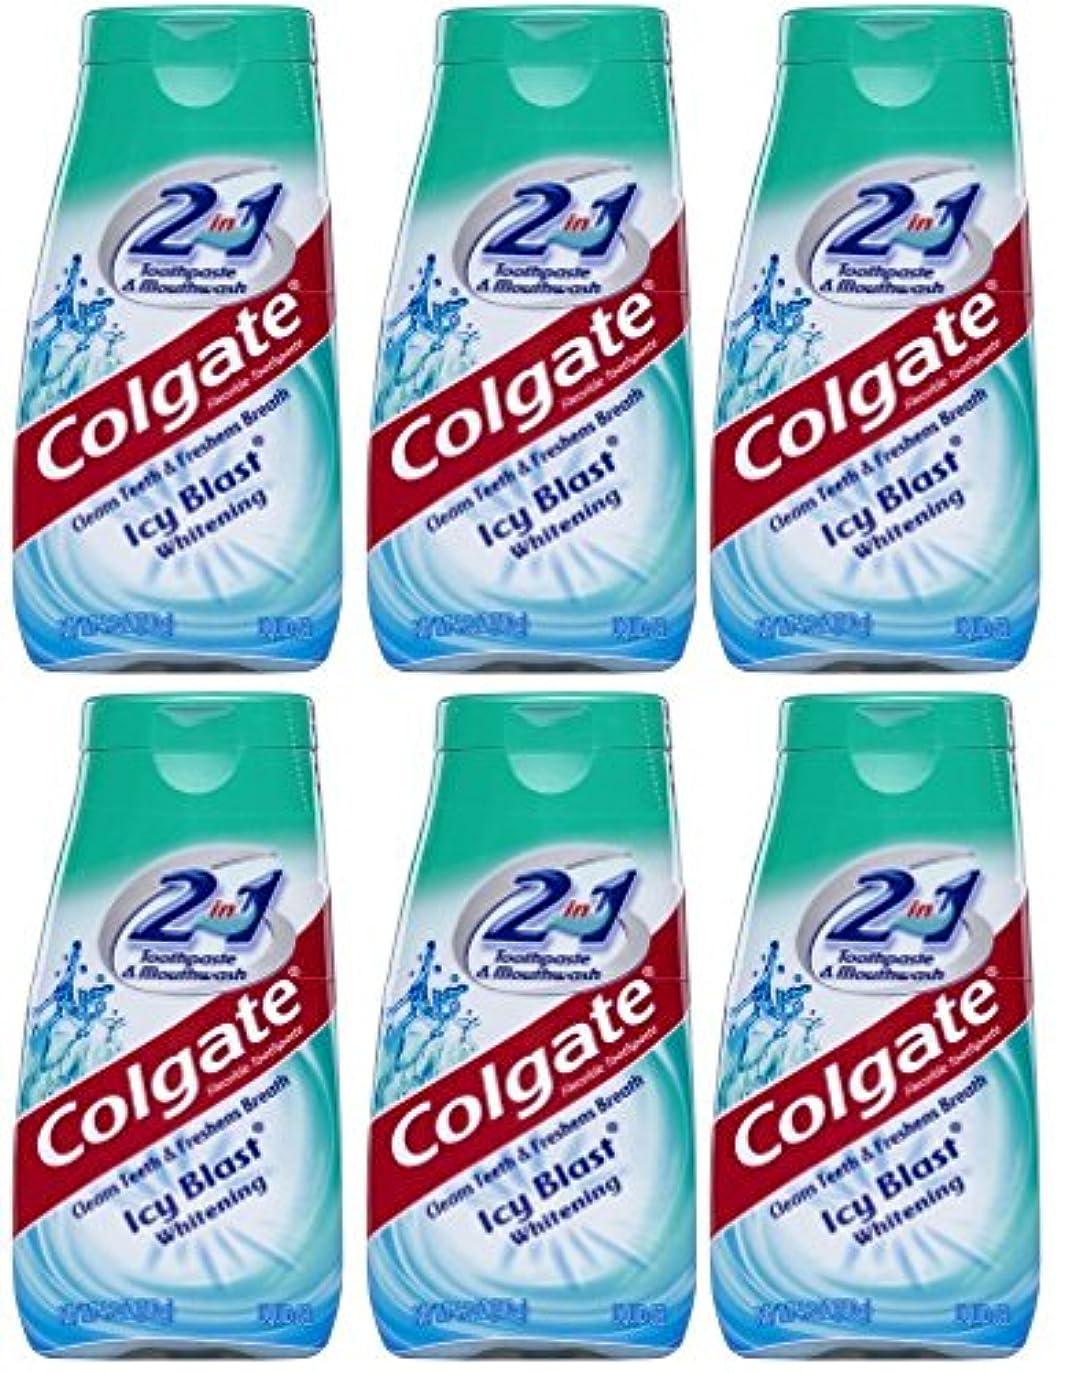 広大な知る旅Colgate 2-IN-1歯磨き粉およびマウスウォッシュ、美白アイシーブラスト、4.6オンスチューブ(6パック) 6パック